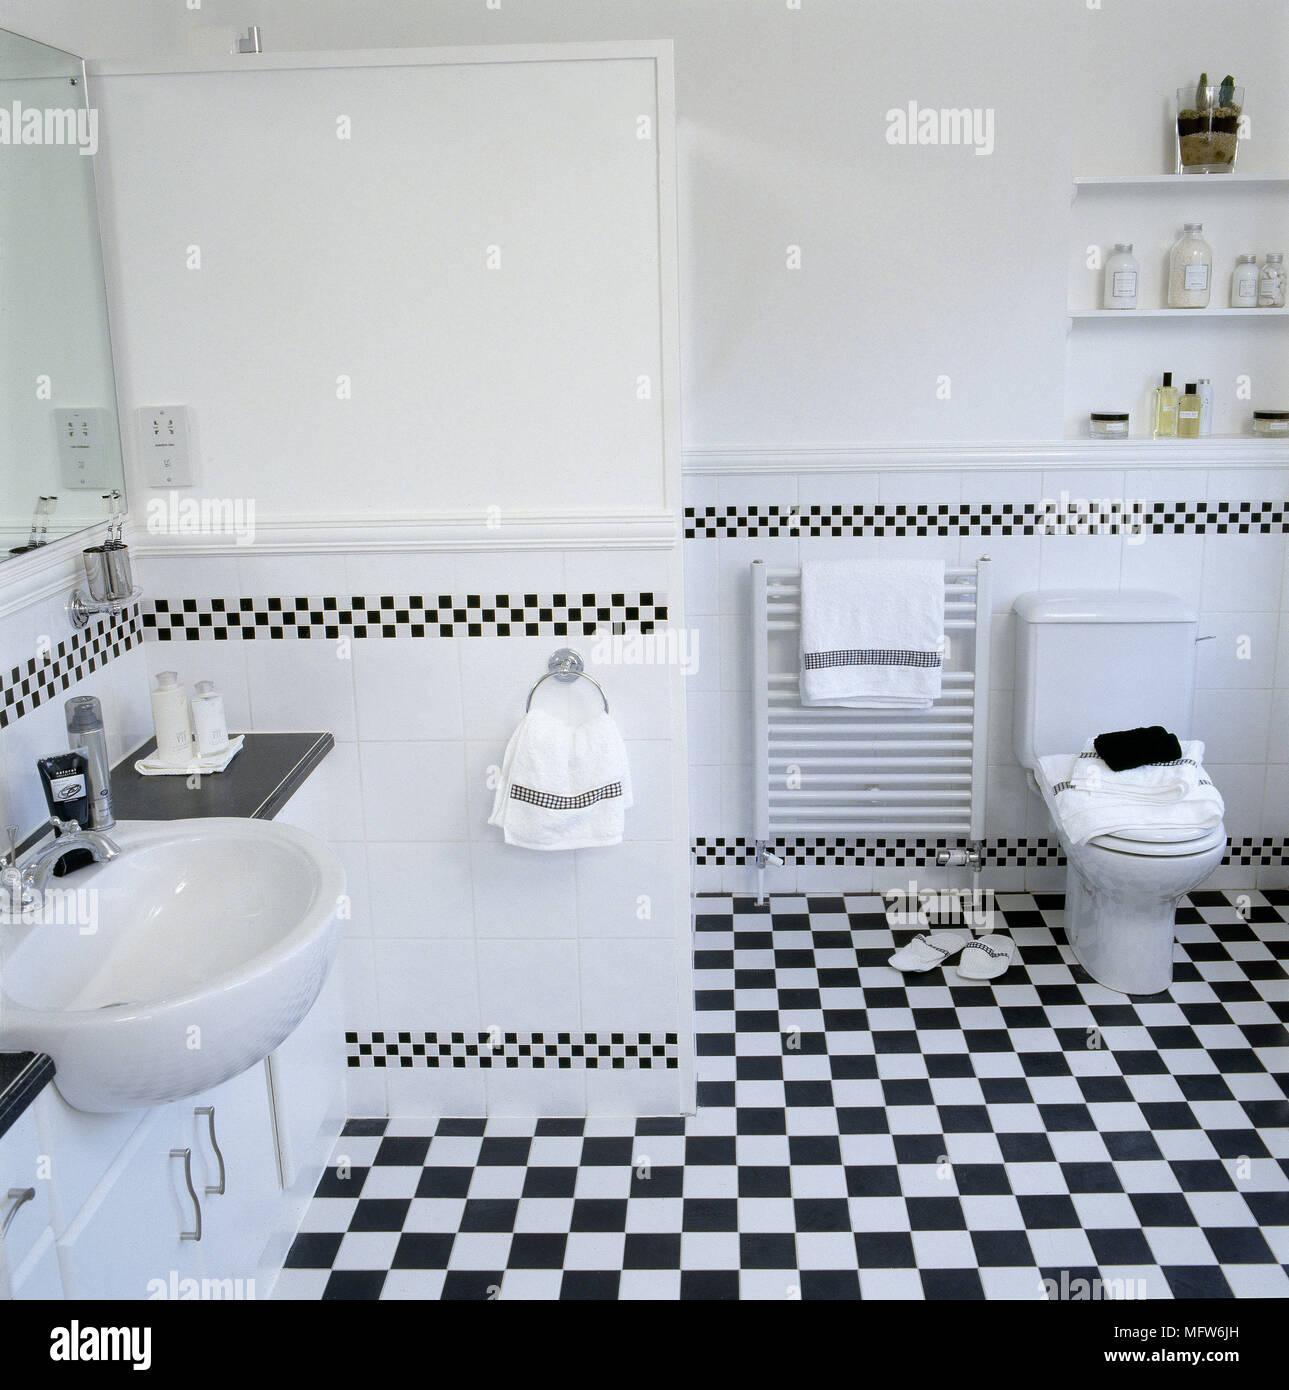 https www alamyimages fr salle de bains moderne avec carrelage en damier noir et blanc lavabo toilettes et les niches de rayonnages image181877545 html